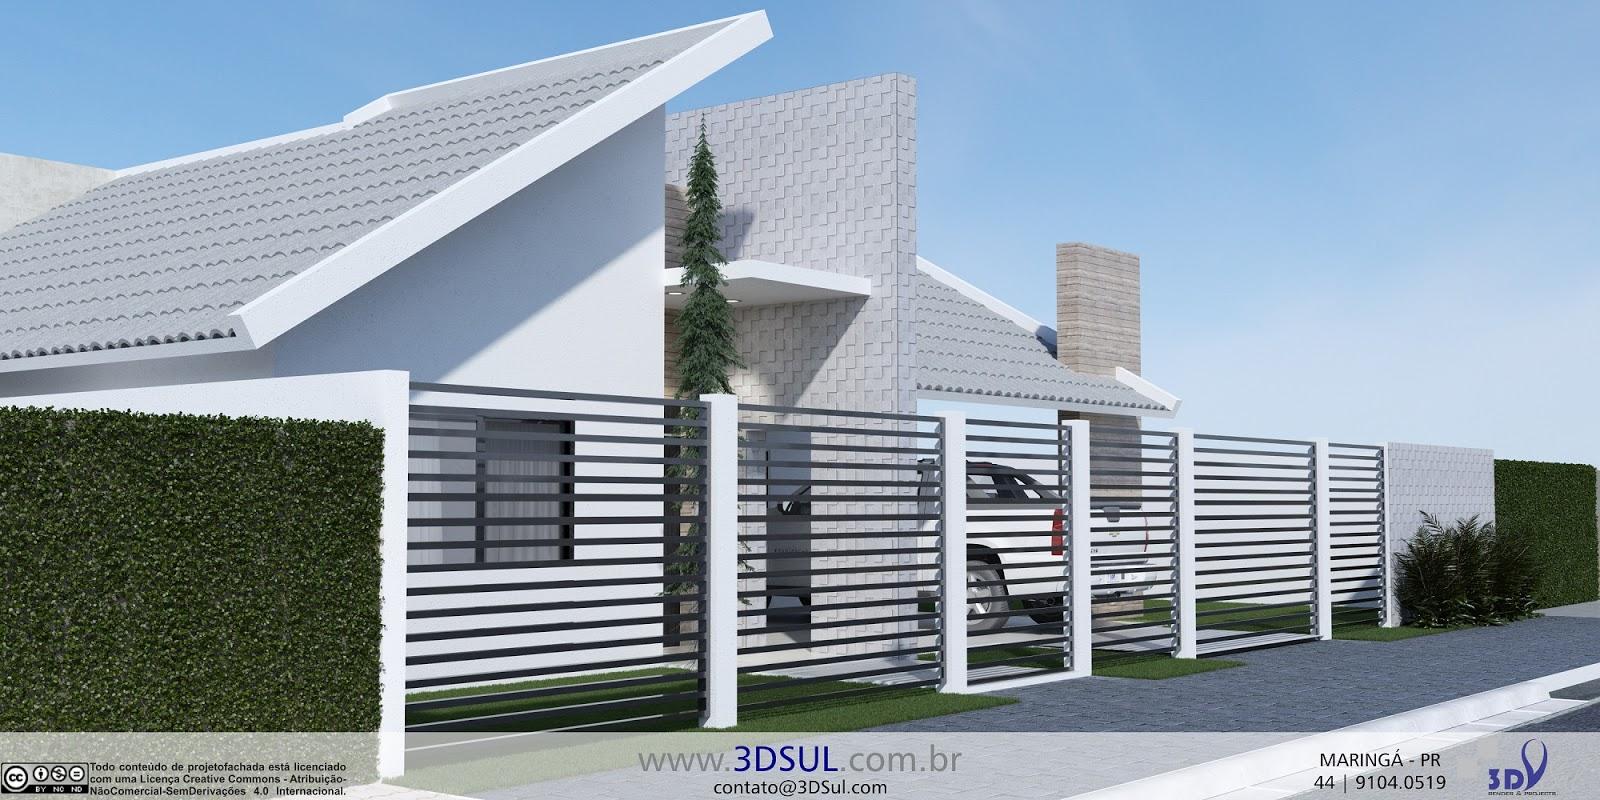 3dsul maquete eletr nica 3d projeto 3d casa telhado a for Casa moderna 2015 orari